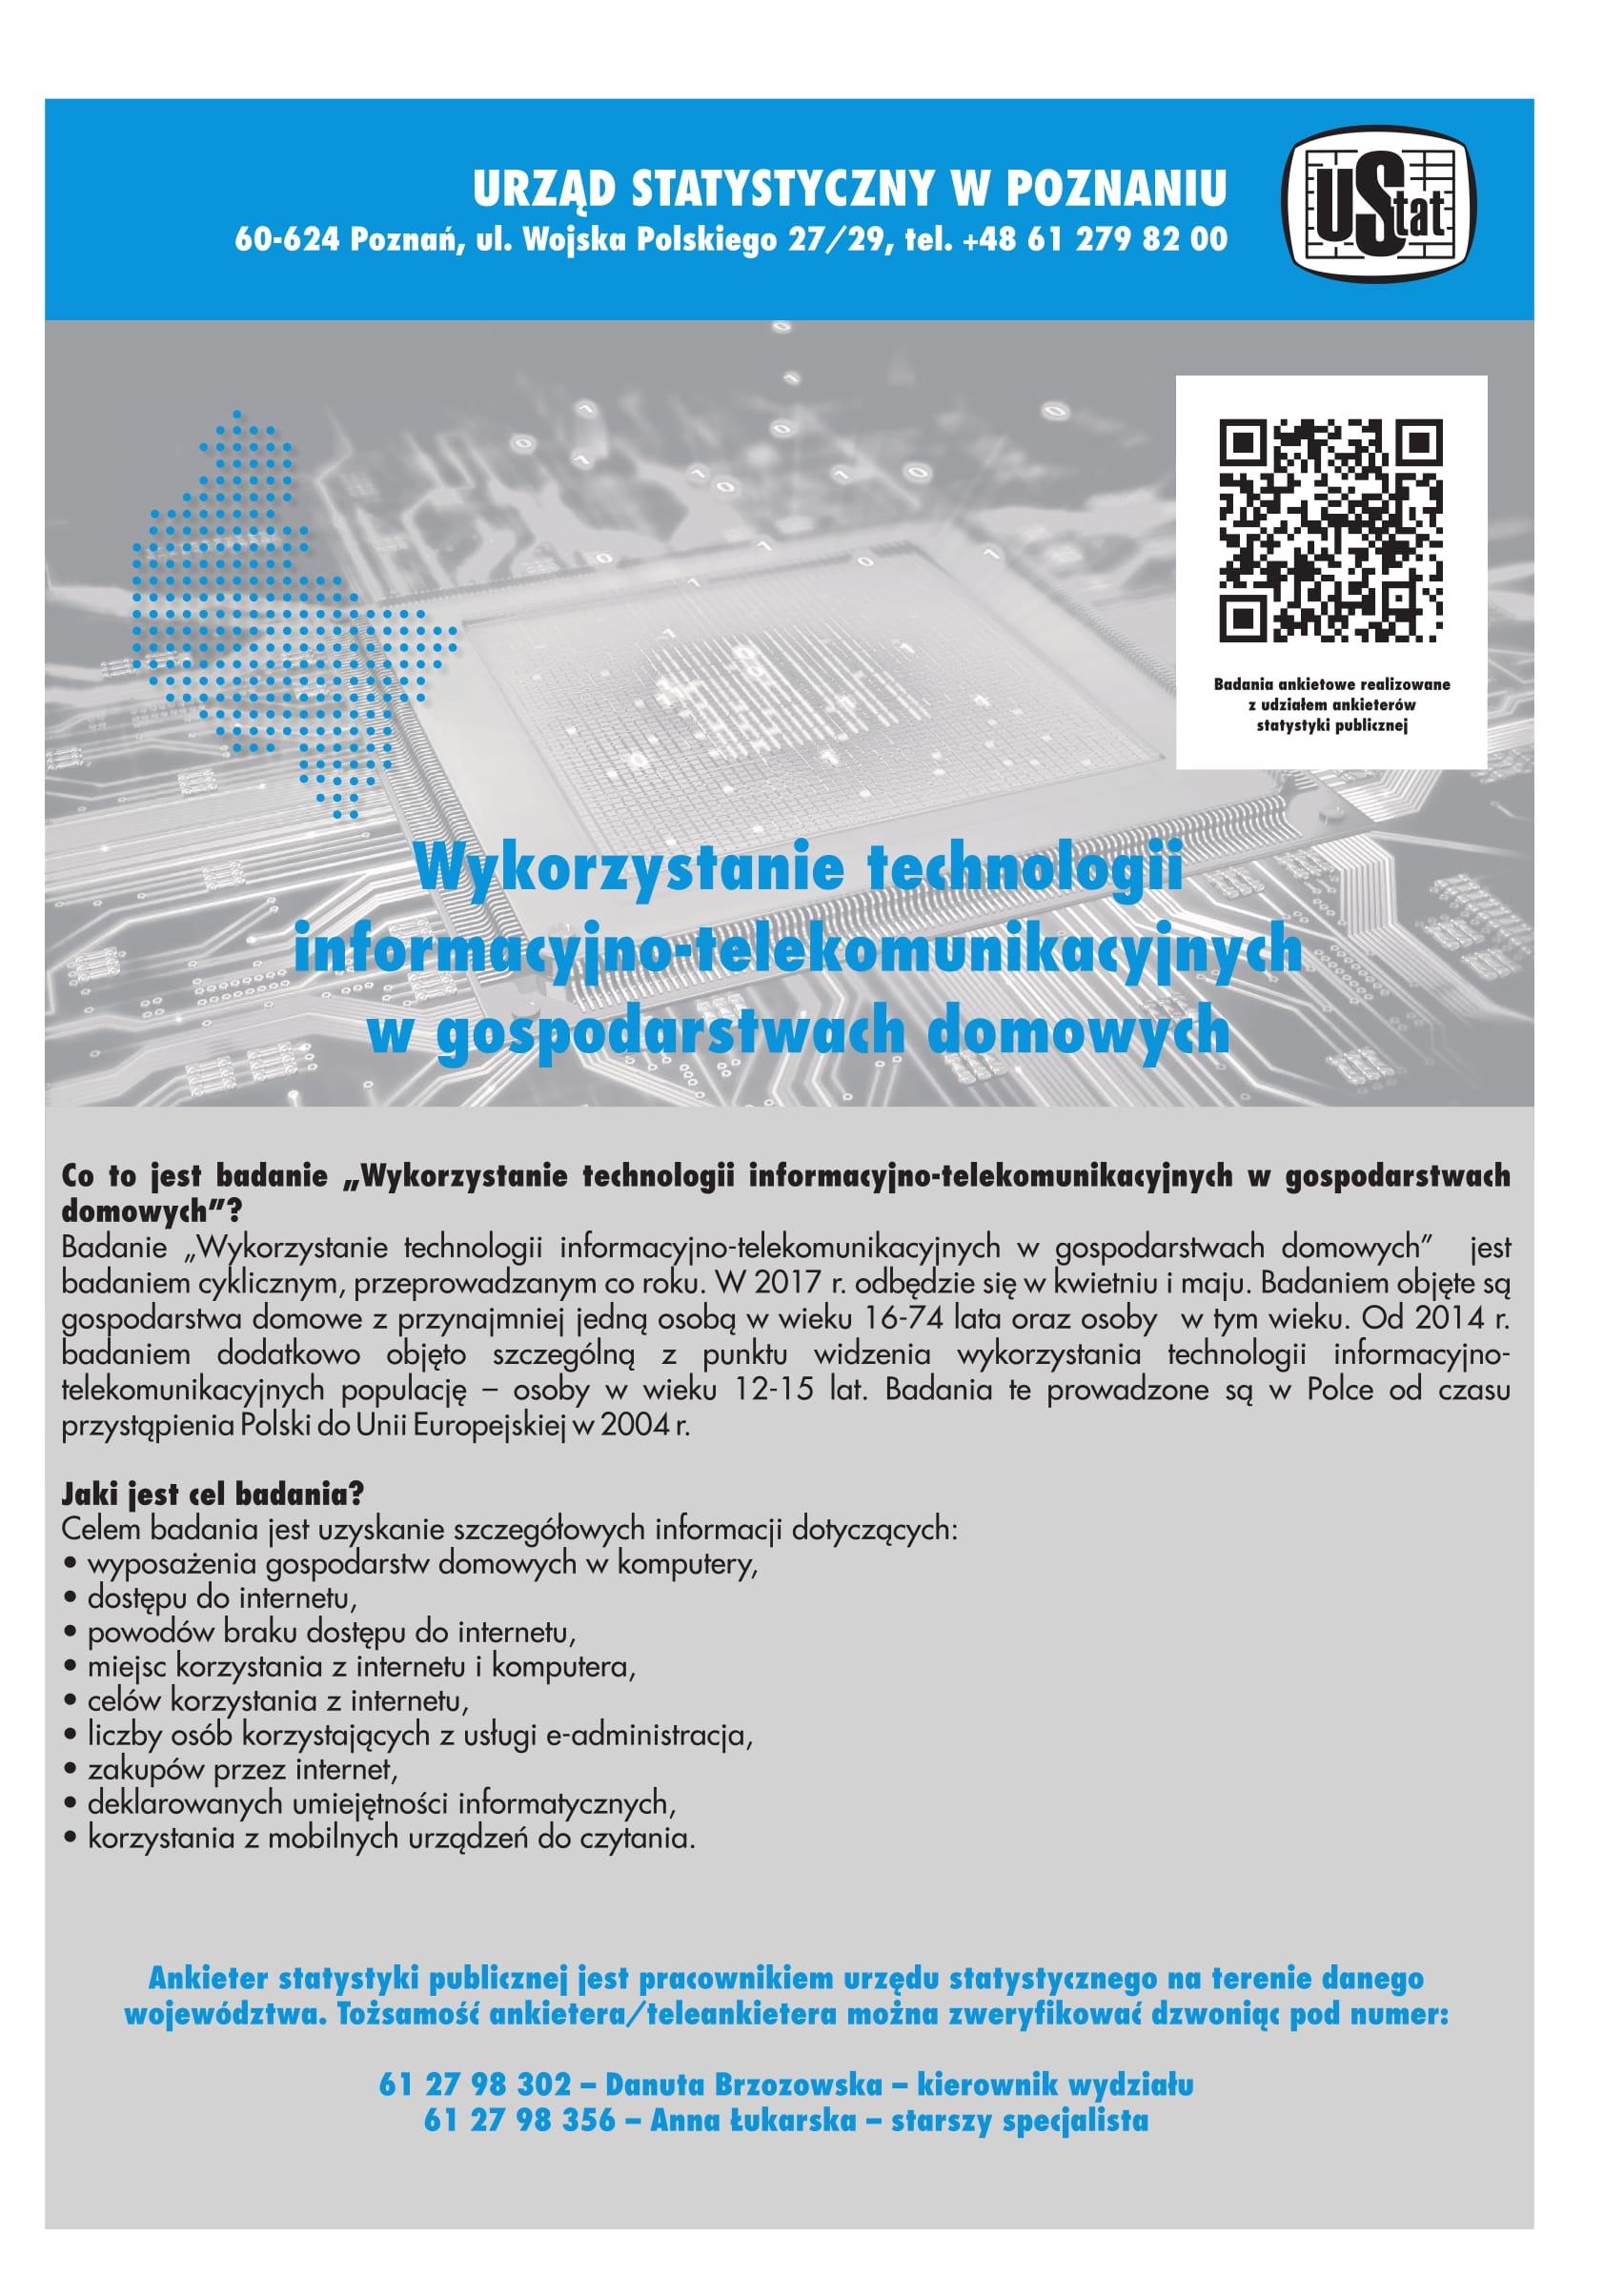 - plakat_wykorzystanie_technologi_plakat_2017_ii_17-1.jpg